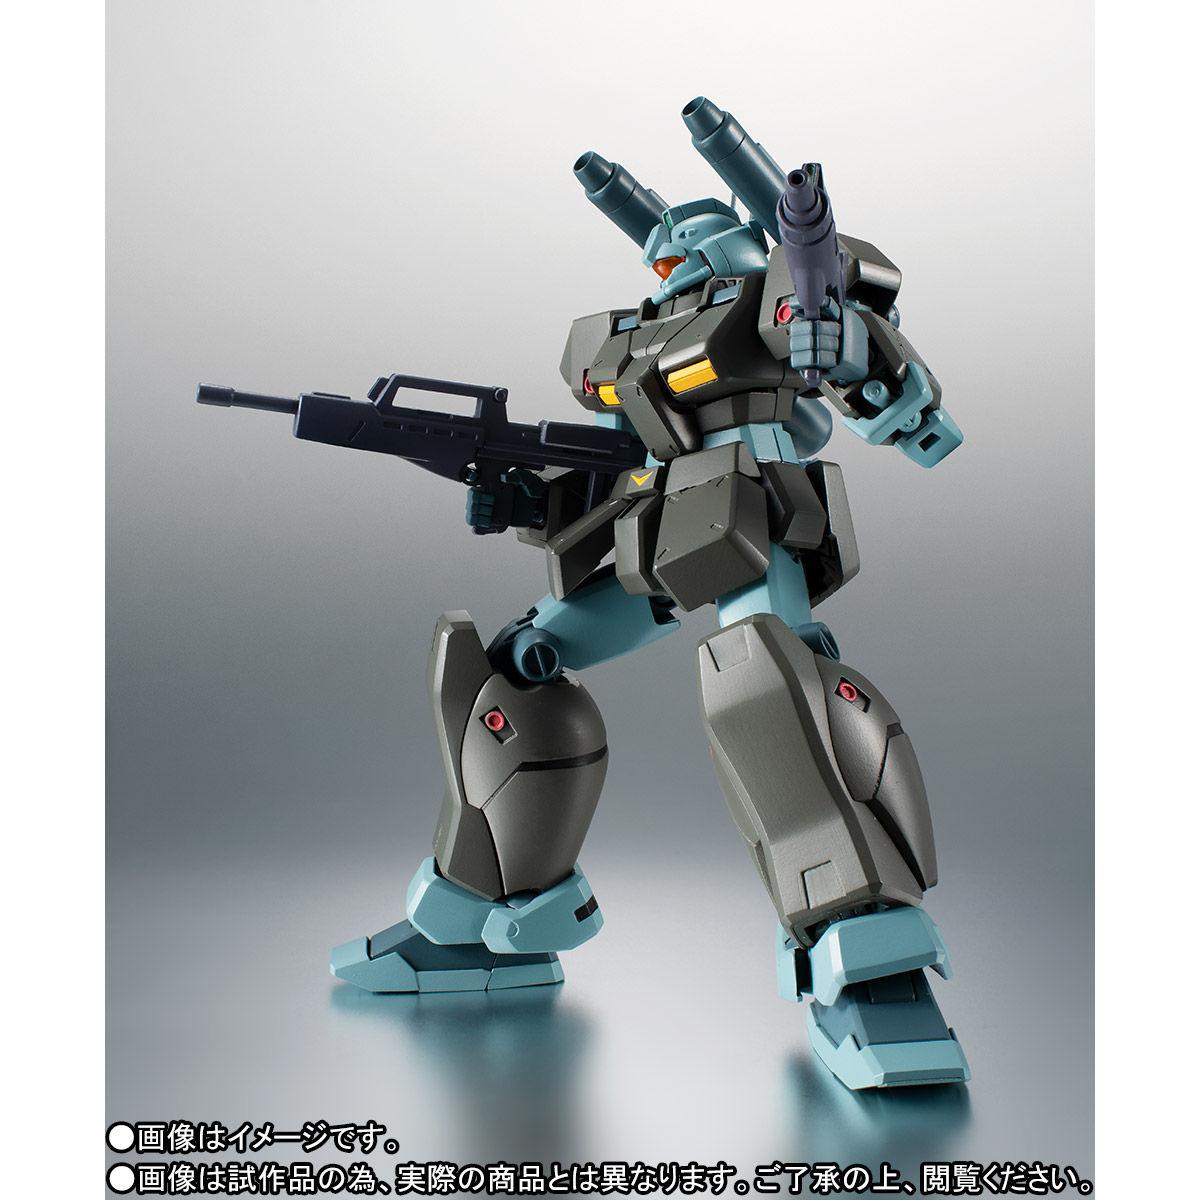 【限定販売】ROBOT魂〈SIDE MS〉『RGC-83 ジム・キャノンII ver. A.N.I.M.E.』ガンダム0083 可動フィギュア-004